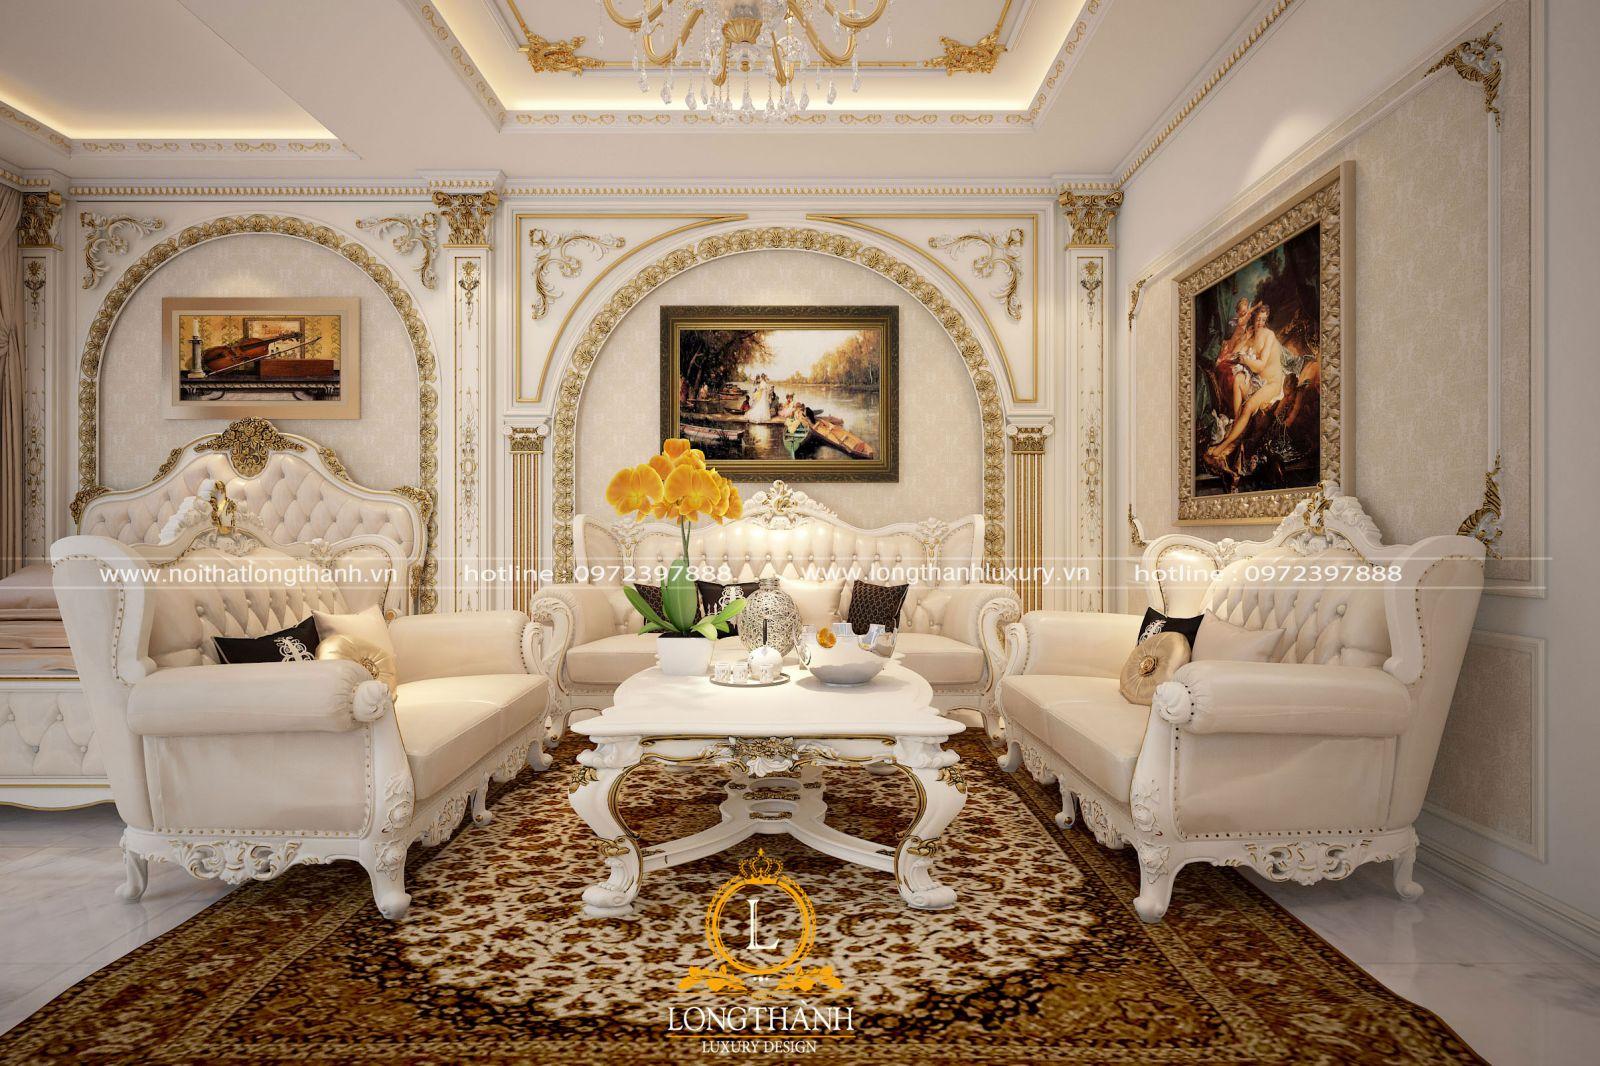 Phòng khách nhỏ  vơi hệ trần thạch cao giật cấp dát vàng